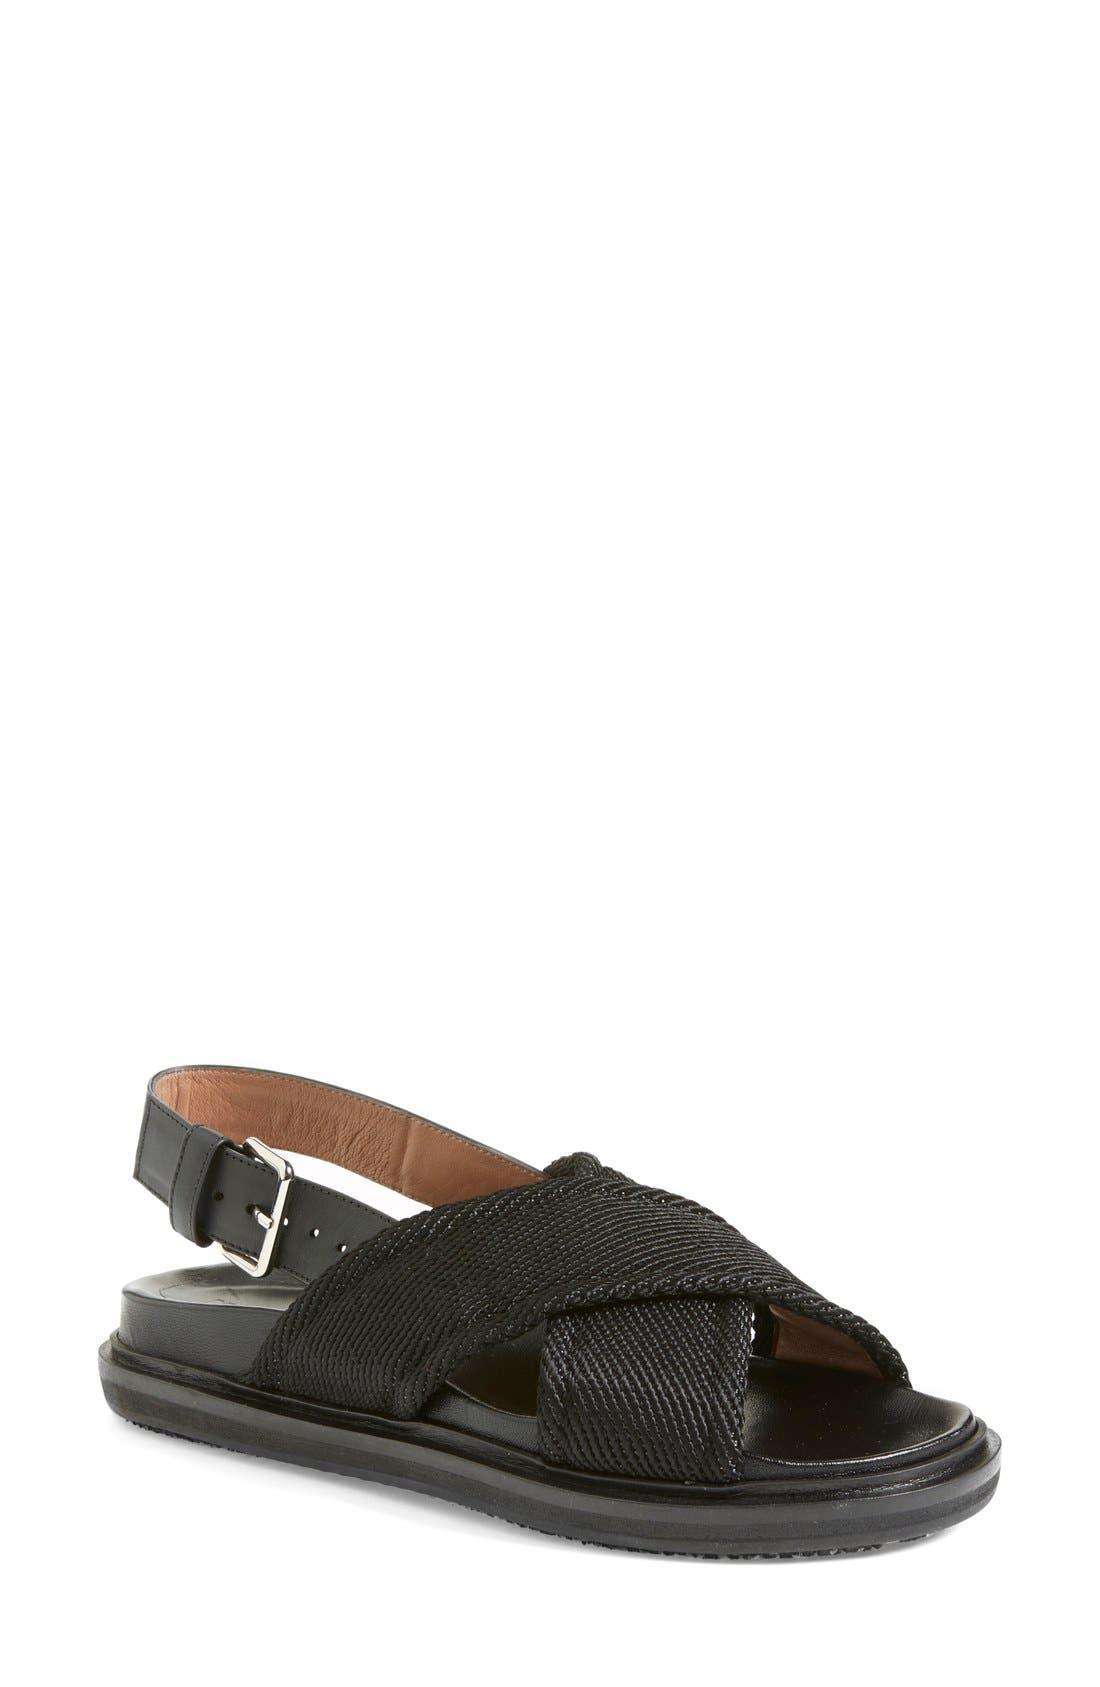 Alternate Image 1 Selected - Marni 'Fussbett' Sandal (Women)